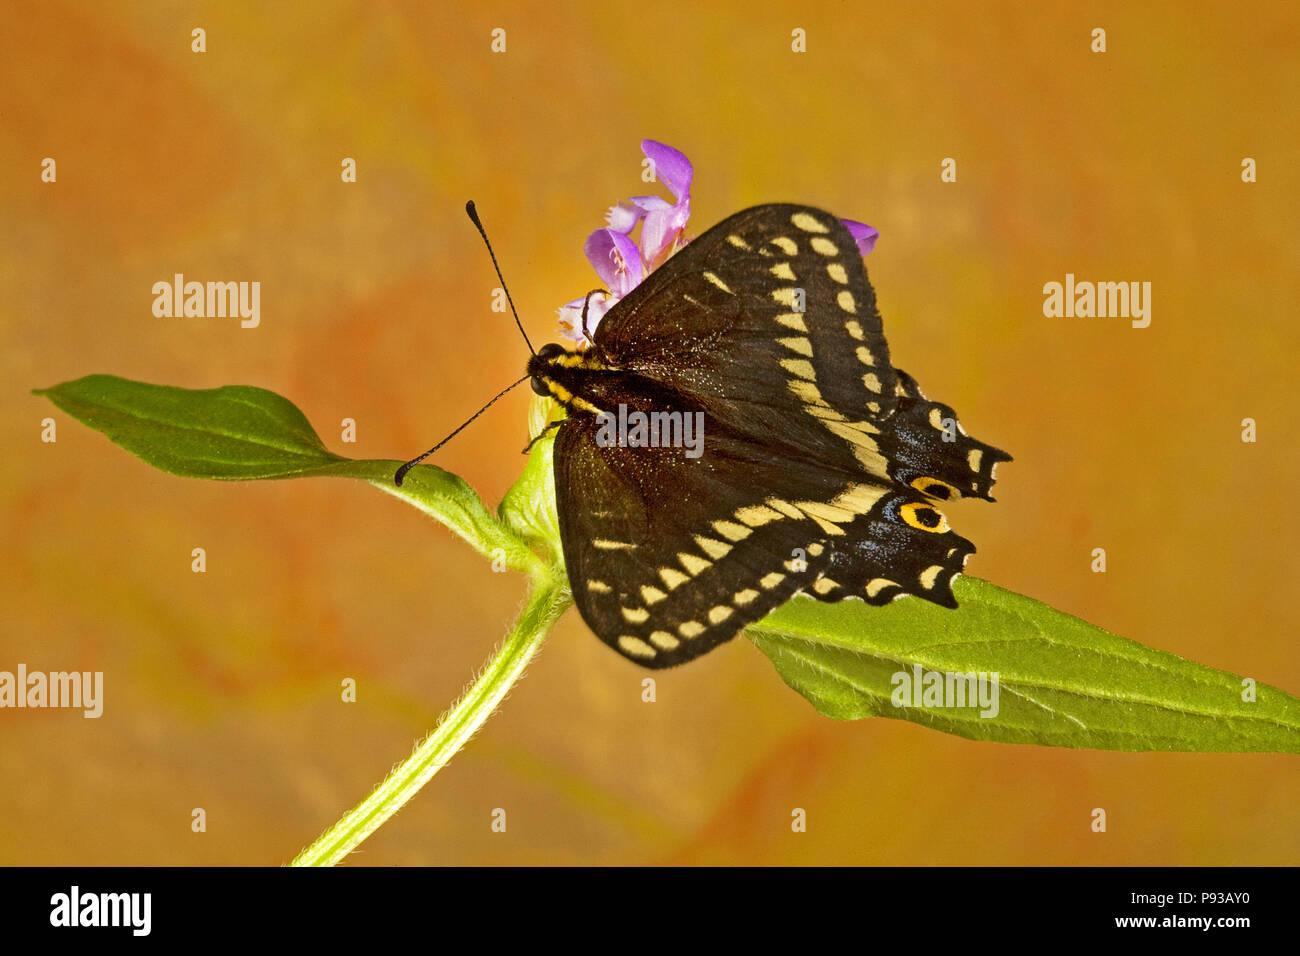 Vue dorsale d'un papillon du machaon, Papilio Indra Indra, sur une fleur sauvage dans l'est des Cascades de centre de l'Oregon. Photo Stock